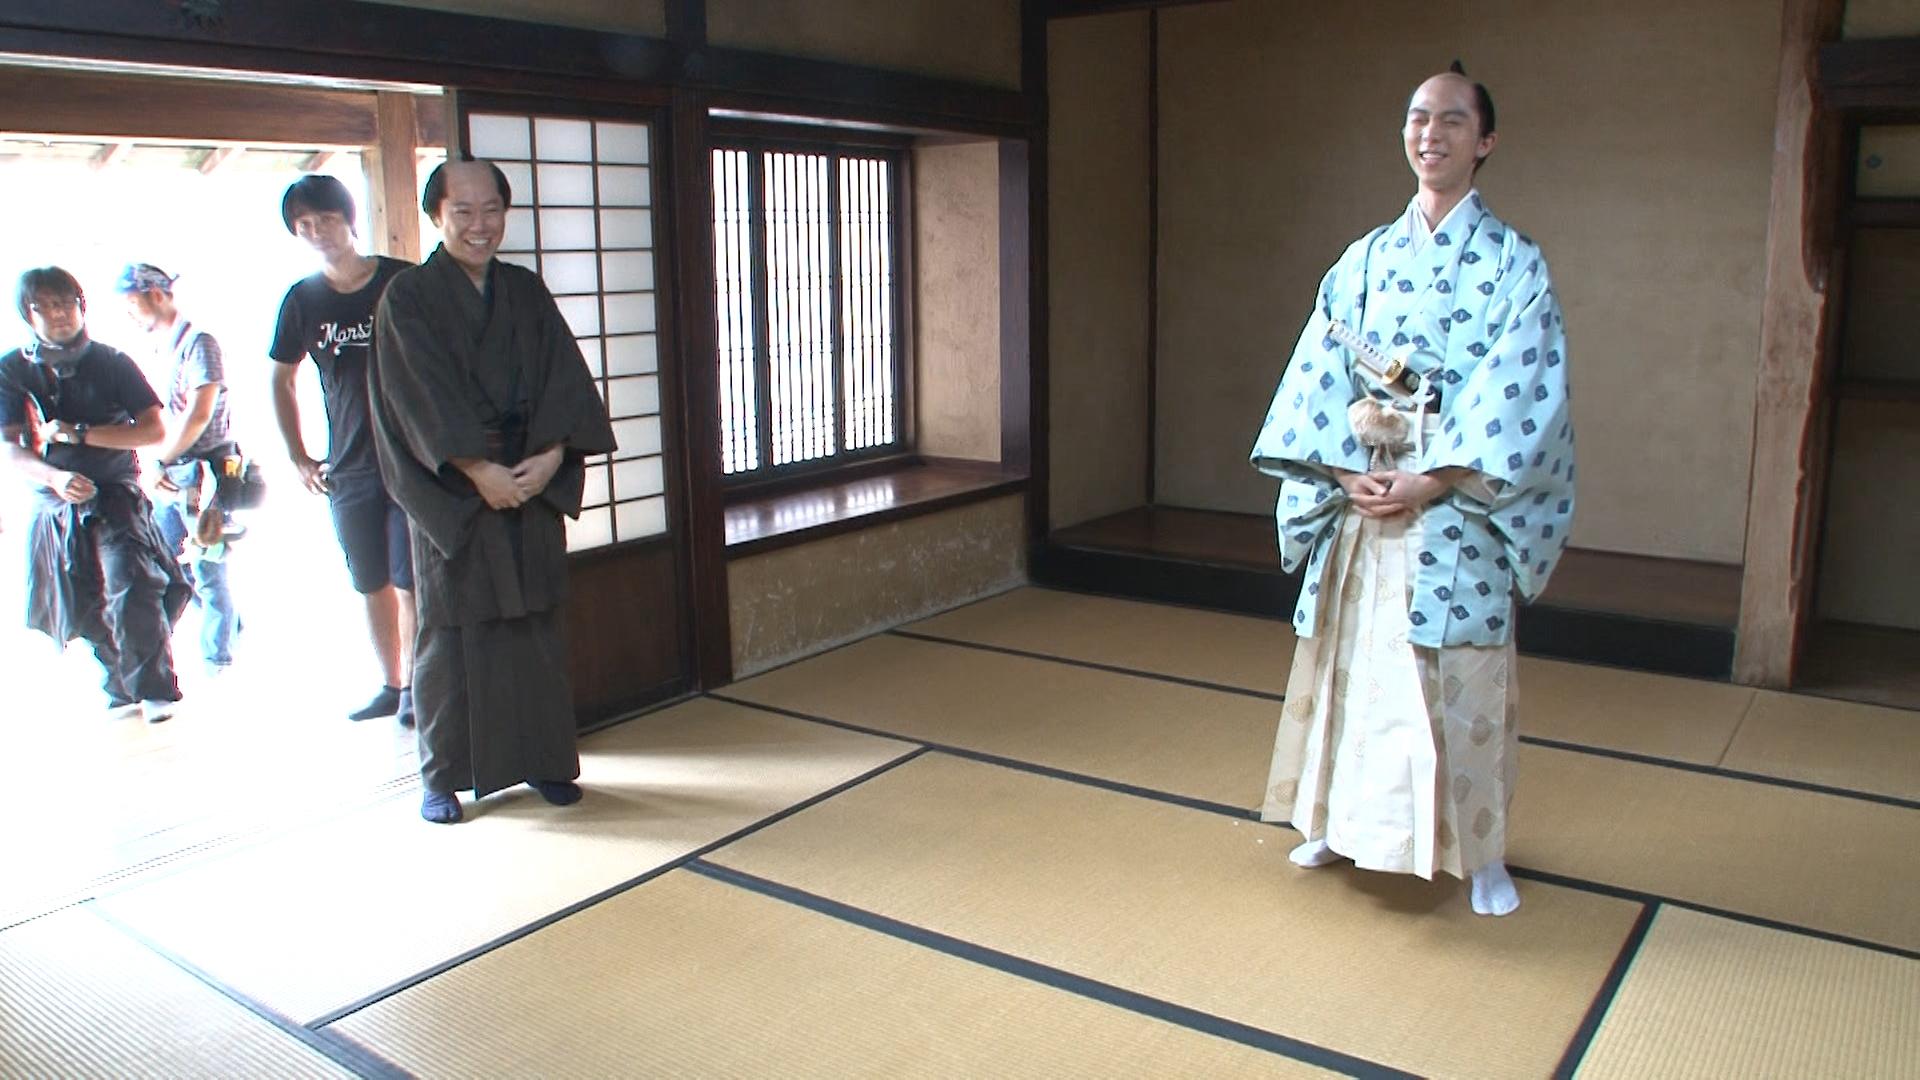 阿部サダヲと羽生結弦 (C)2016「殿、利息でござる!」製作委員会